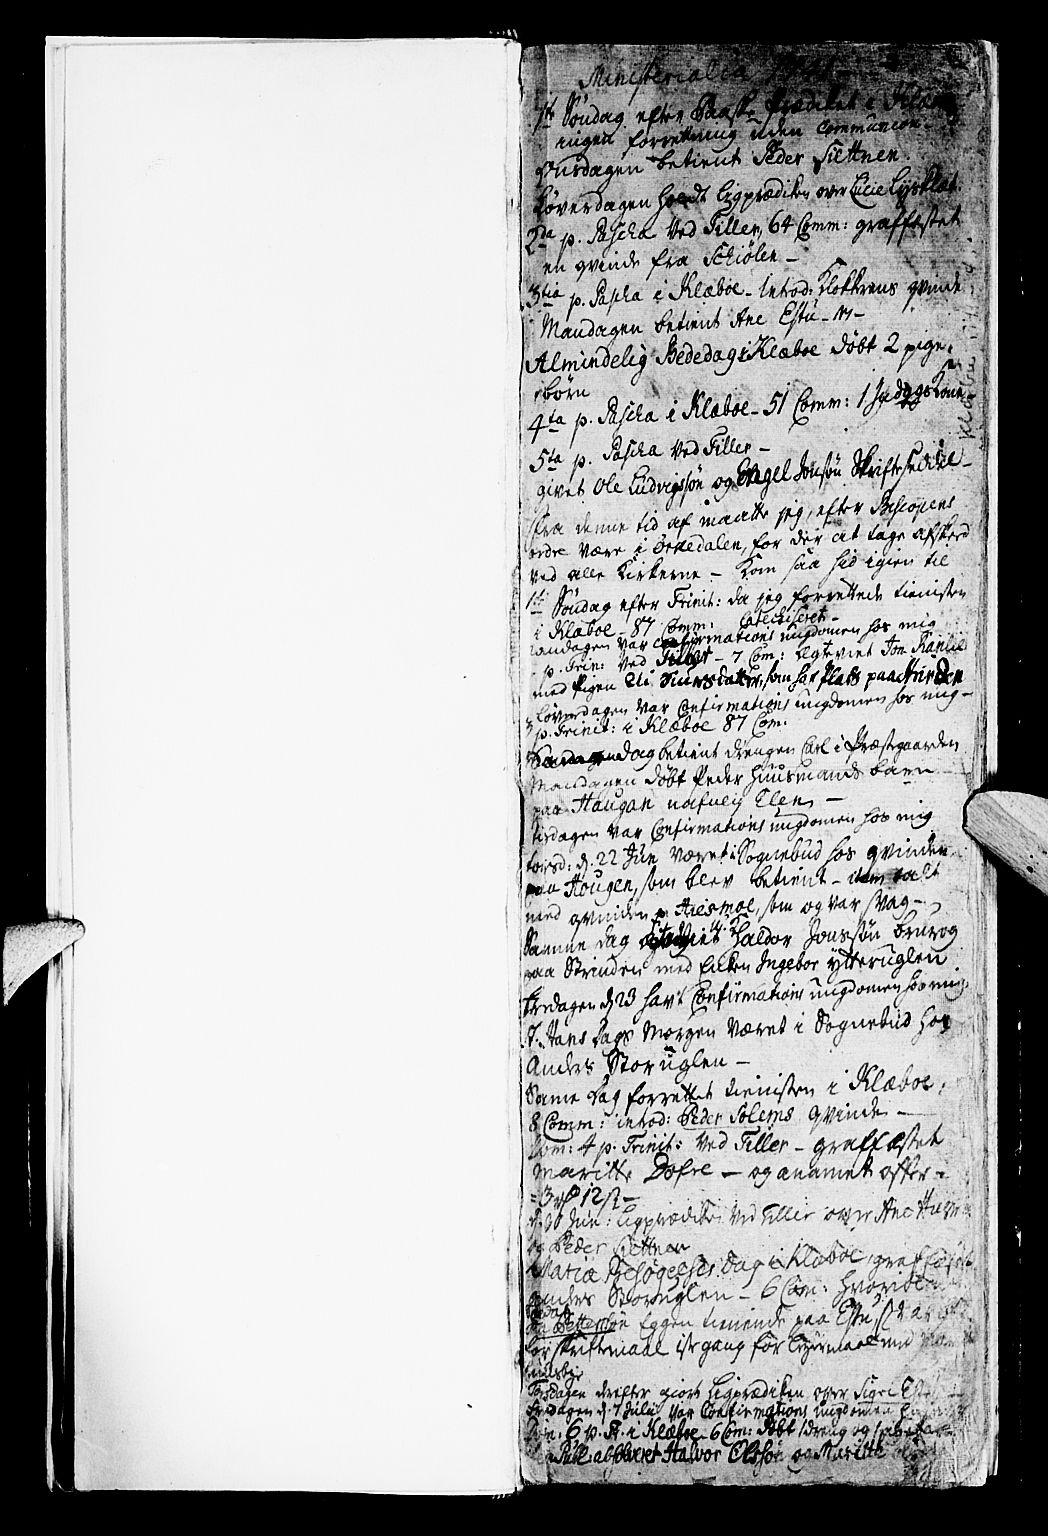 SAT, Ministerialprotokoller, klokkerbøker og fødselsregistre - Sør-Trøndelag, 618/L0436: Ministerialbok nr. 618A01, 1741-1749, s. 2